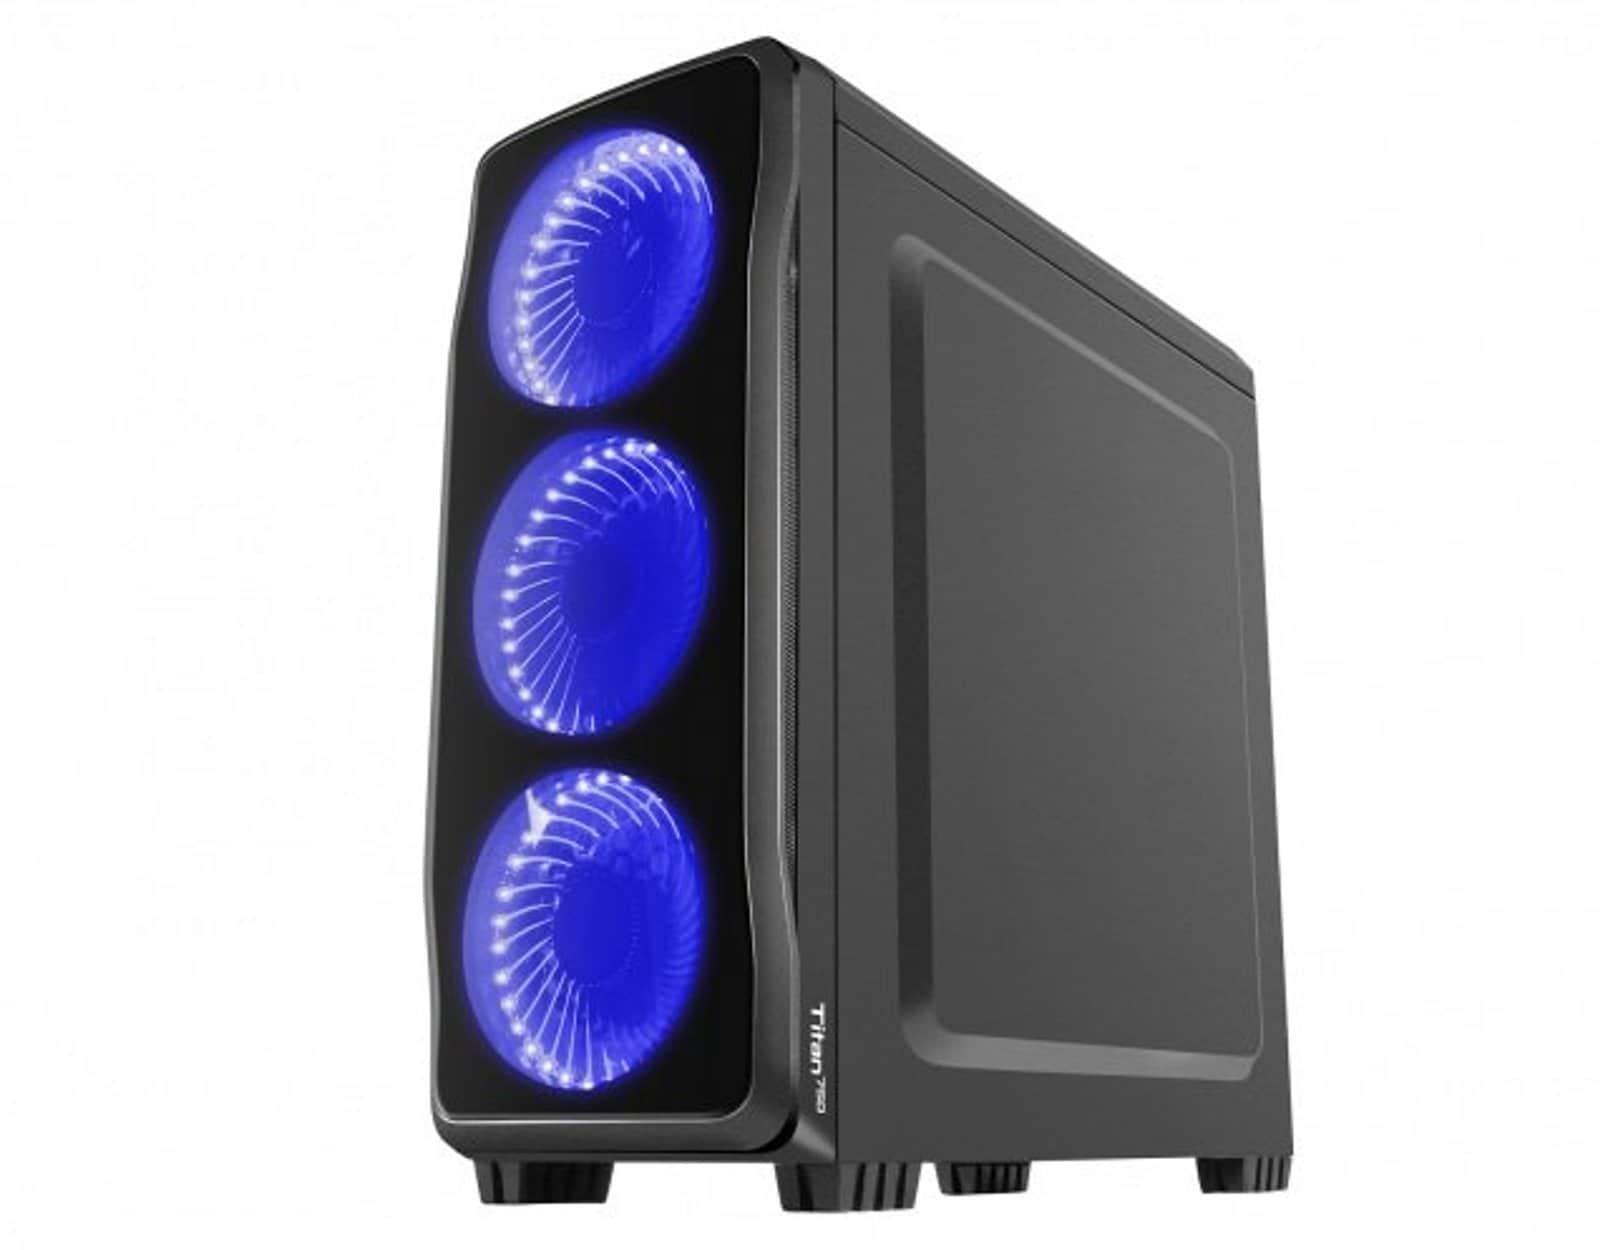 Gaming PC Intel Core i5-10400F / Zotac GeForce GTX 1650 4GB / 240GB SSD / 8GB DDR4 / WIN 10 PRO - 3